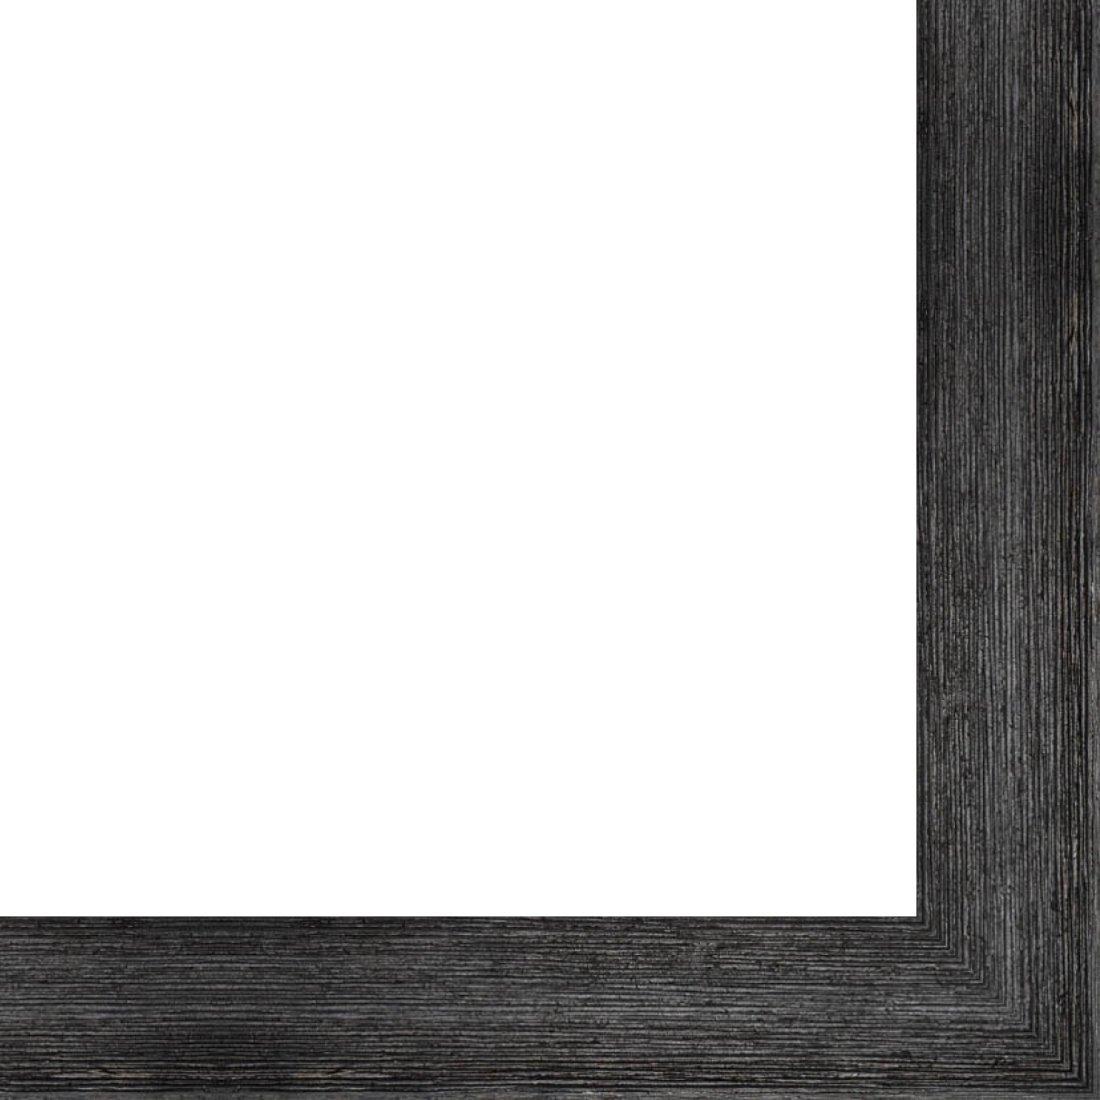 Picture Frame Moulding (Wood) 18ft bundle - Distressed/Aged Black Finish - 2'' width - 1/2'' rabbet depth